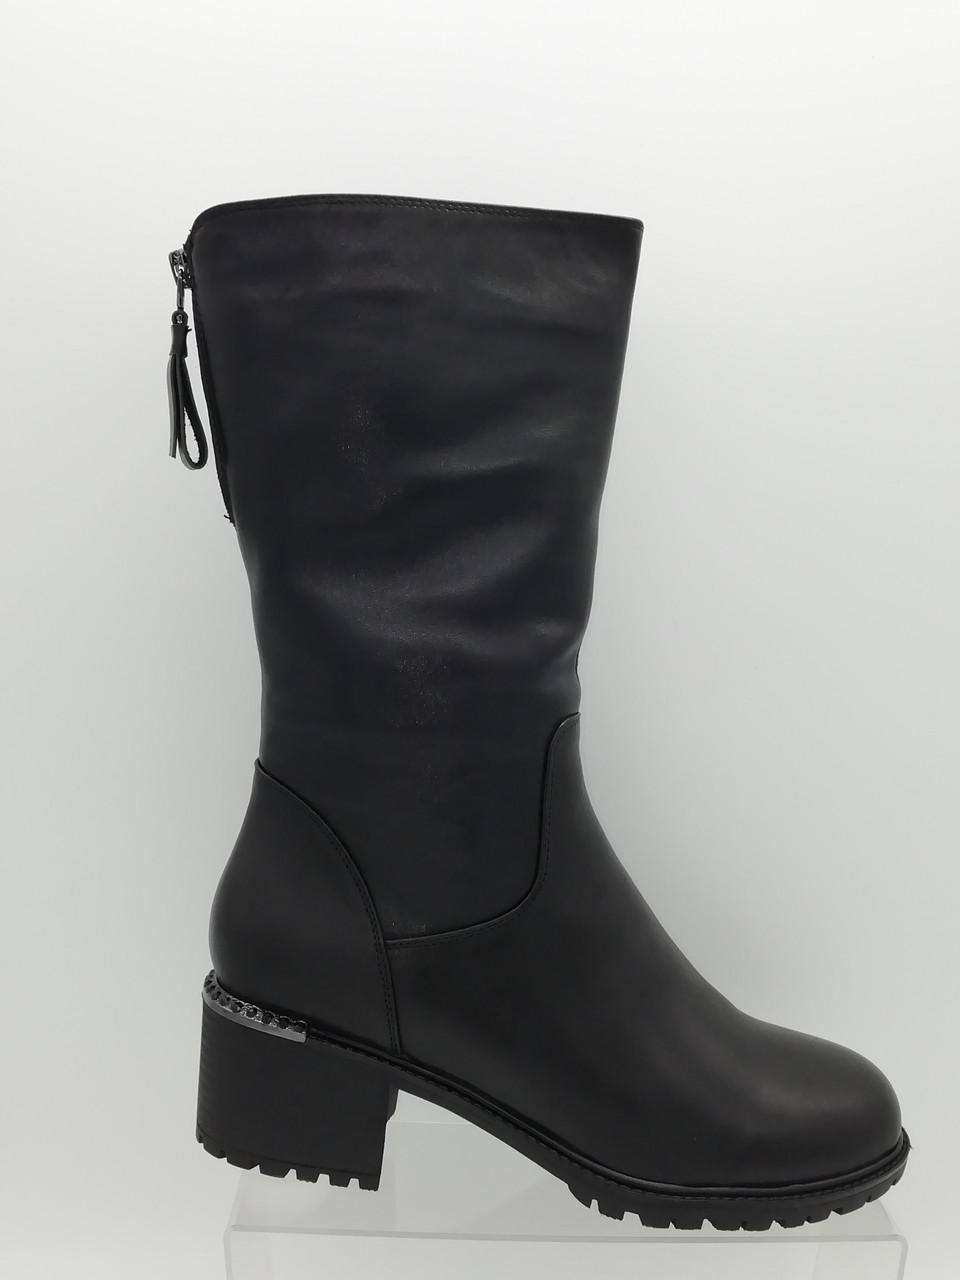 Чорні шкіряні зимові чоботи Berloni.